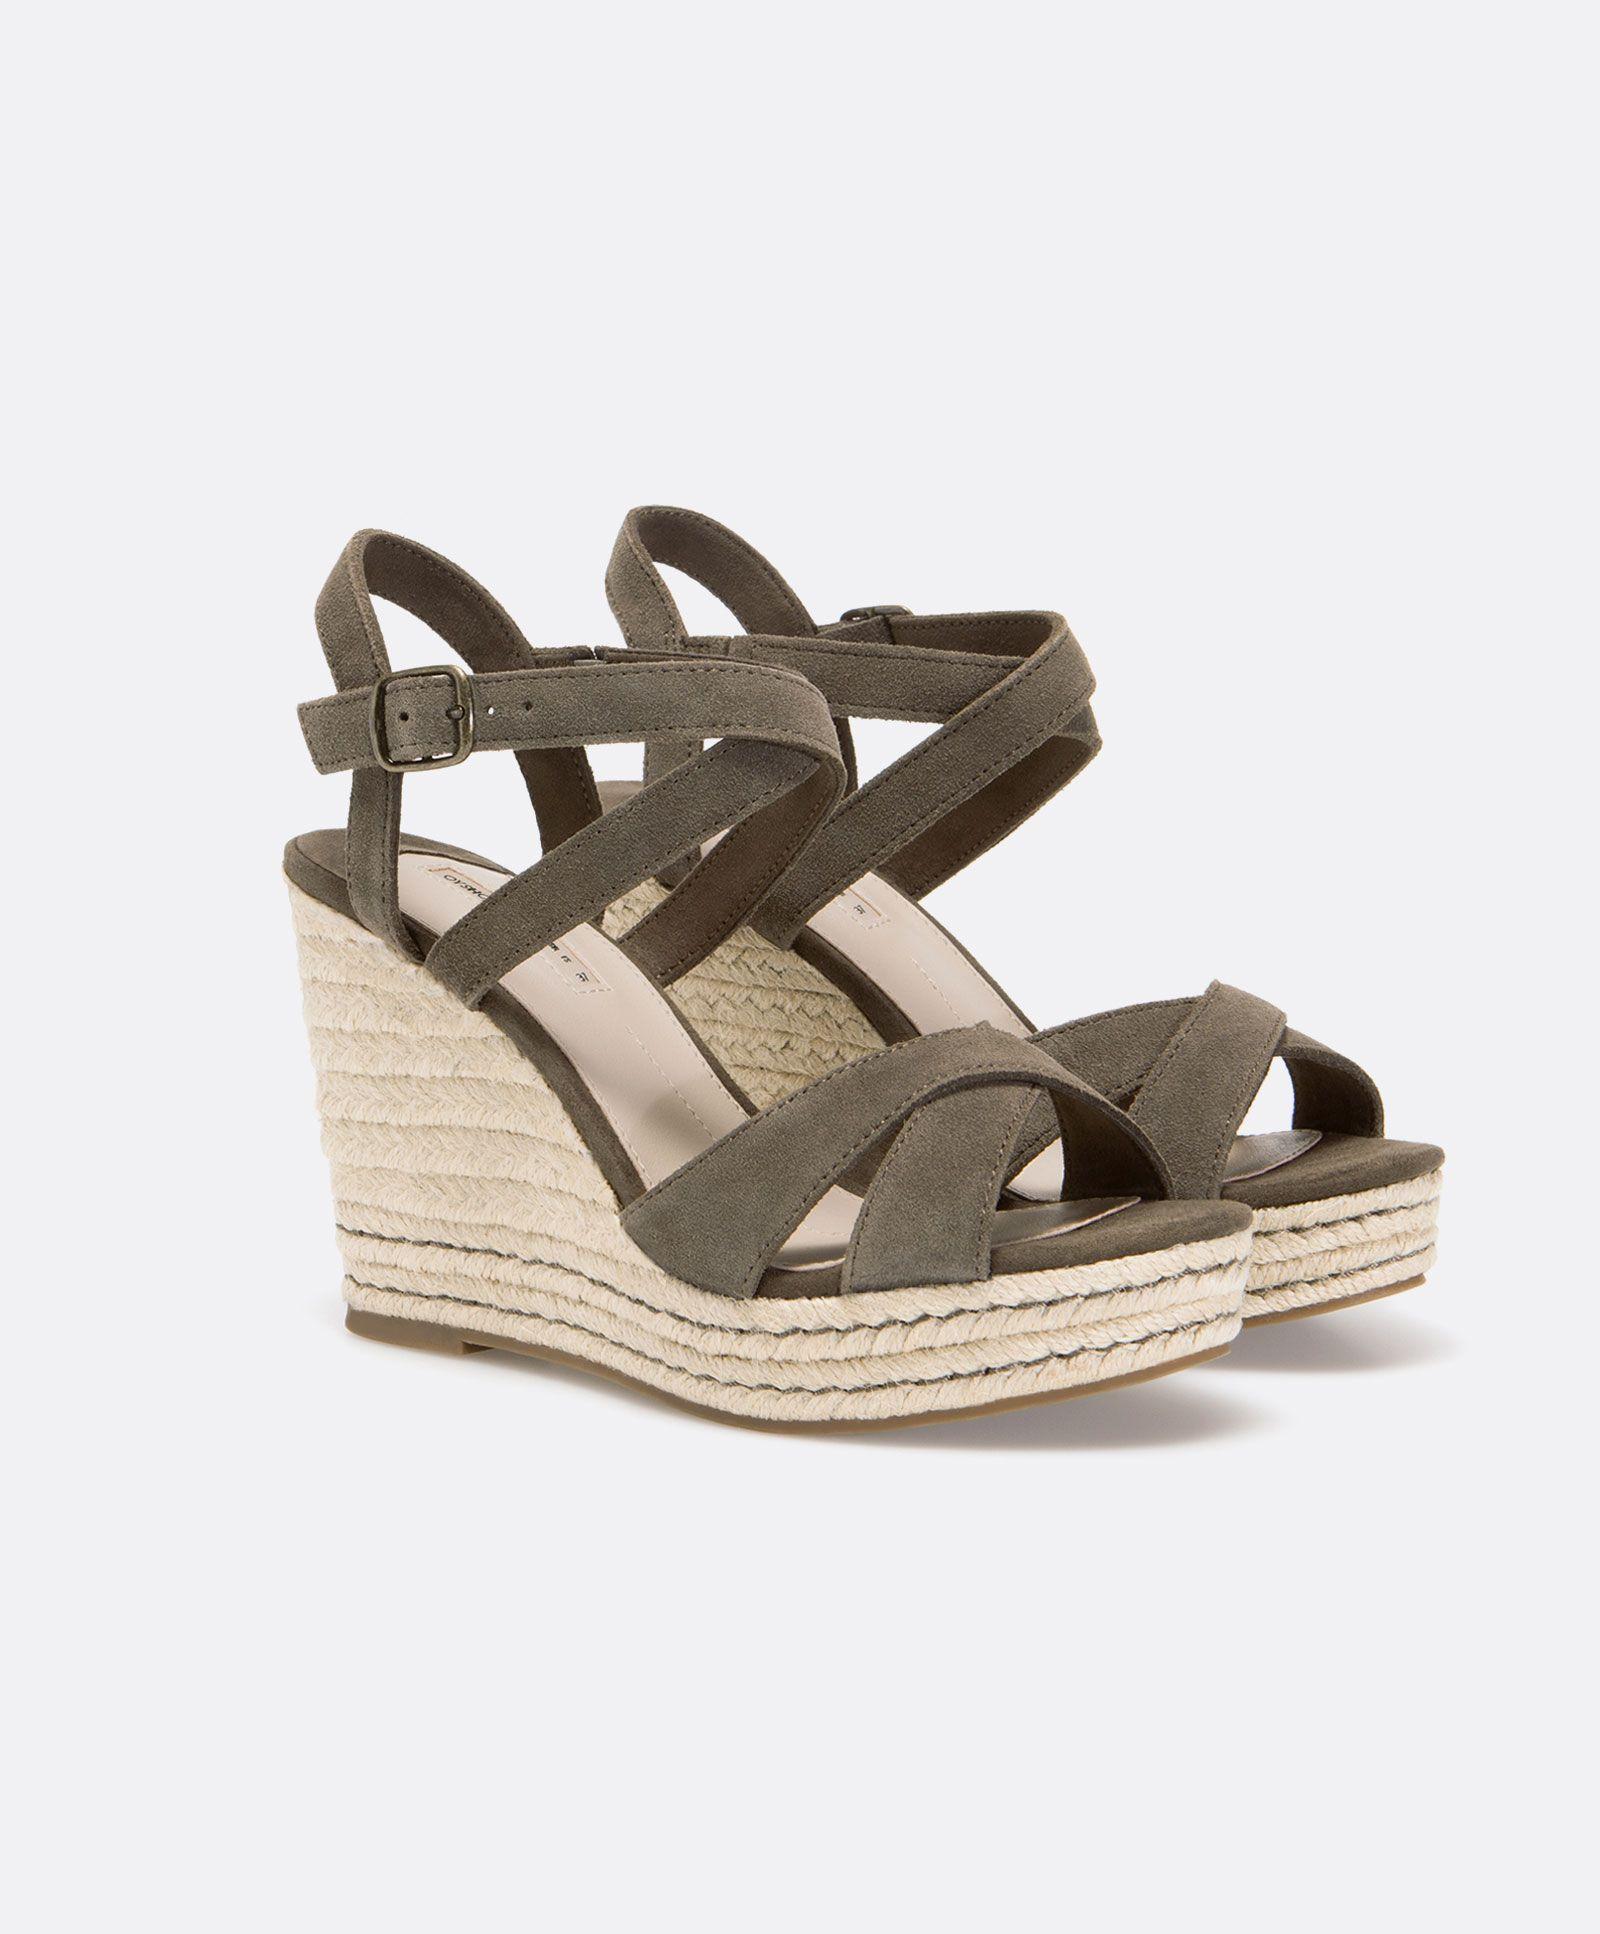 cc2e20182 Sandálias de cunha couro aveludado - OYSHO | shoes in 2019 ...